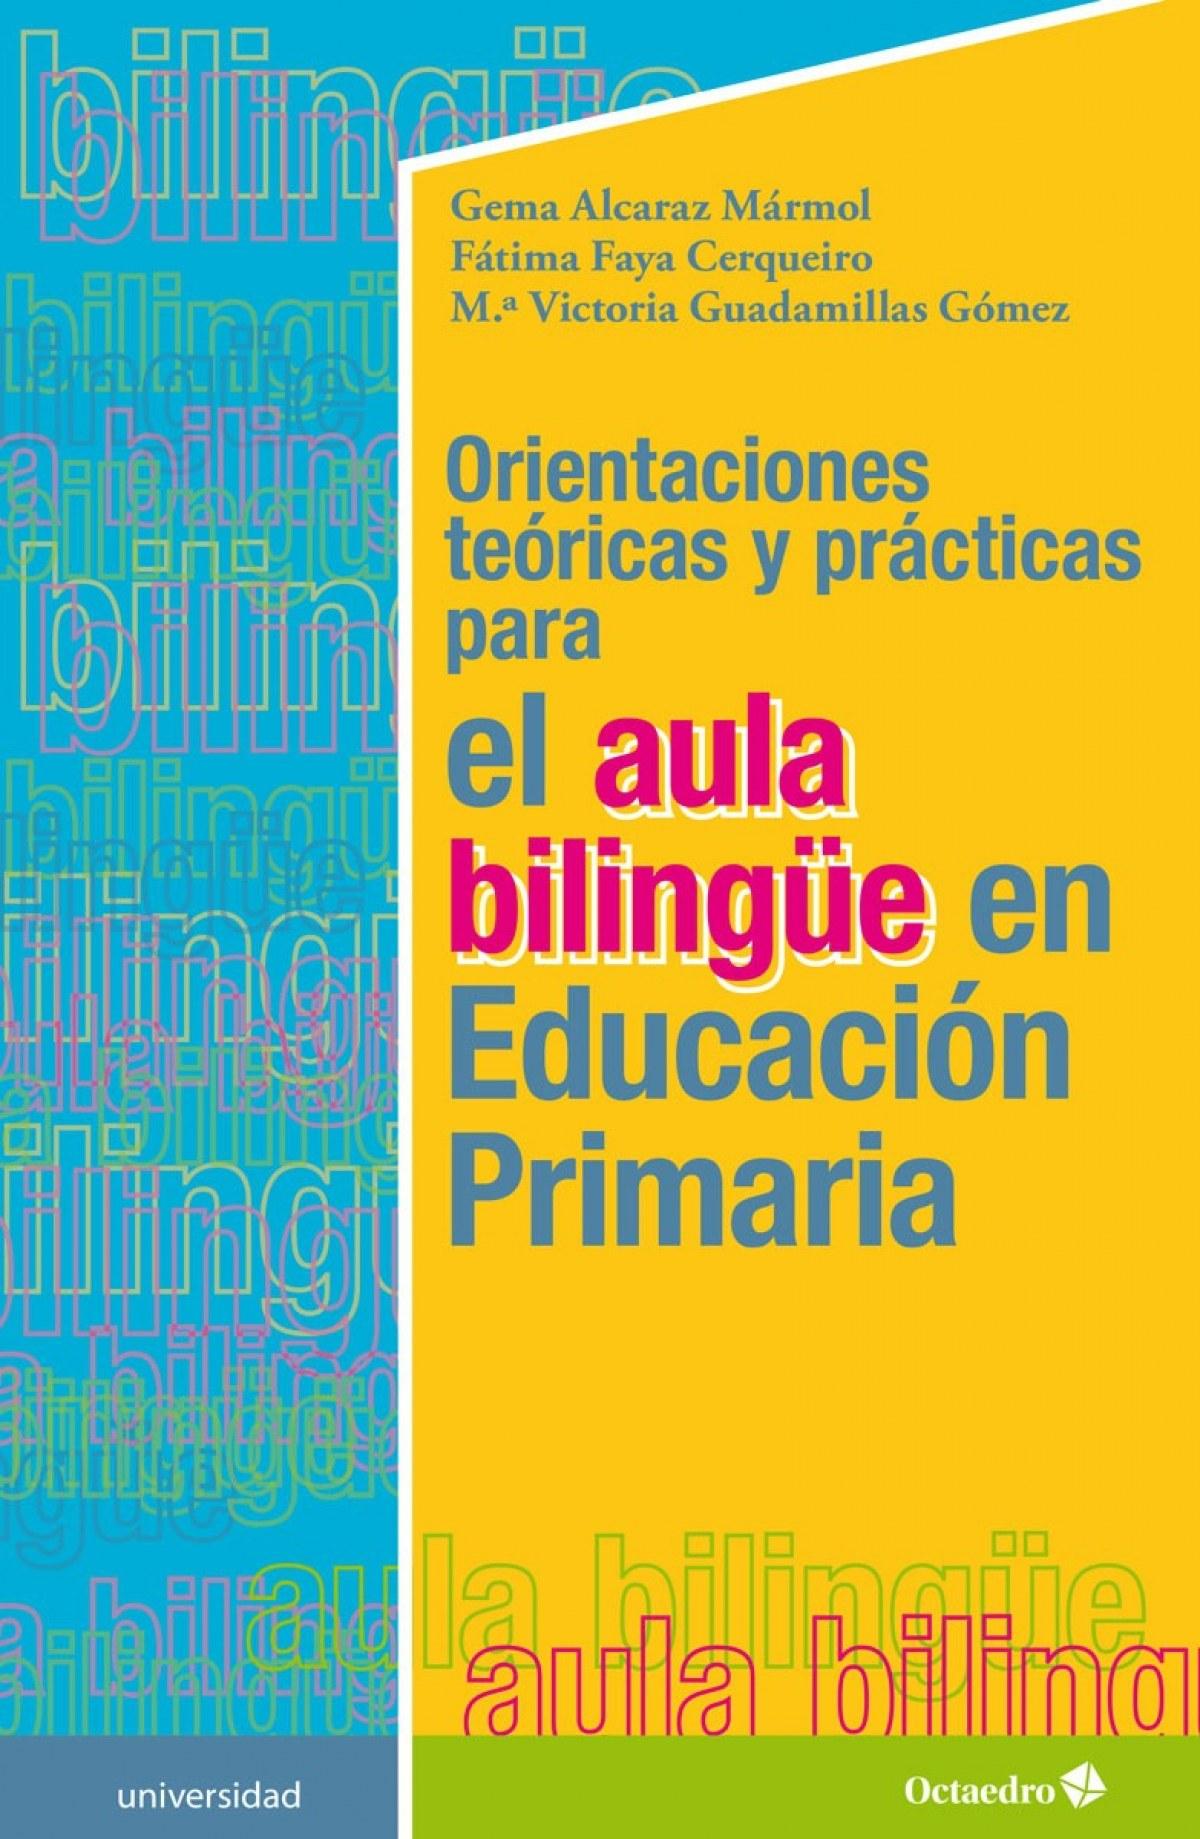 Orientaciones teùricas y prçcticas para el aula bilingŸe en Educaciùn Primaria